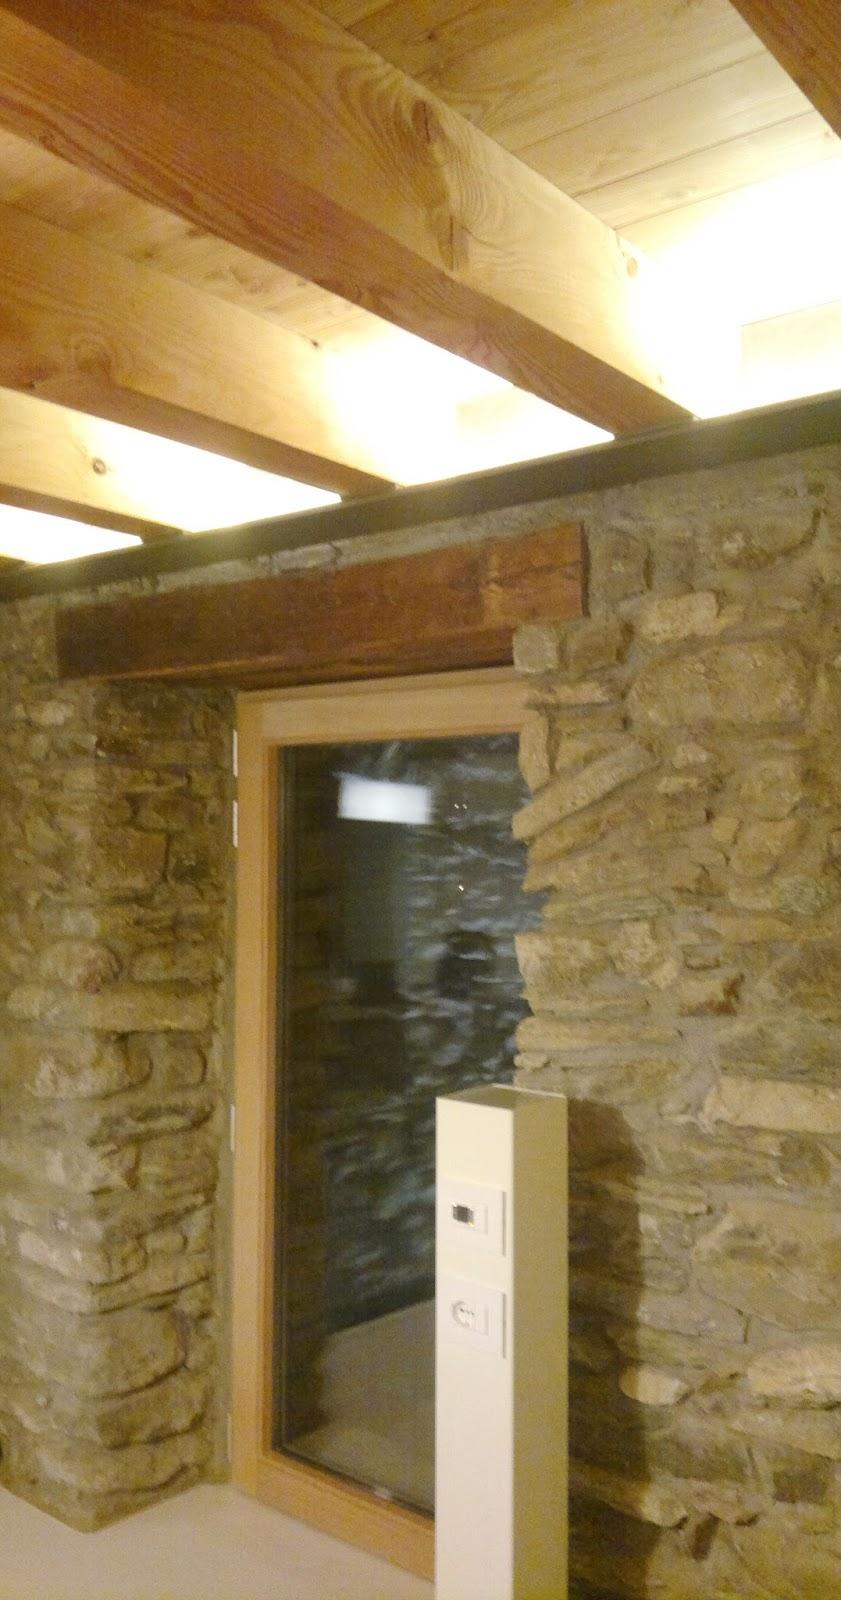 Illuminazione Per Travi A Vista: Consigli per illuminare un soffitto con travi di legno a vista.